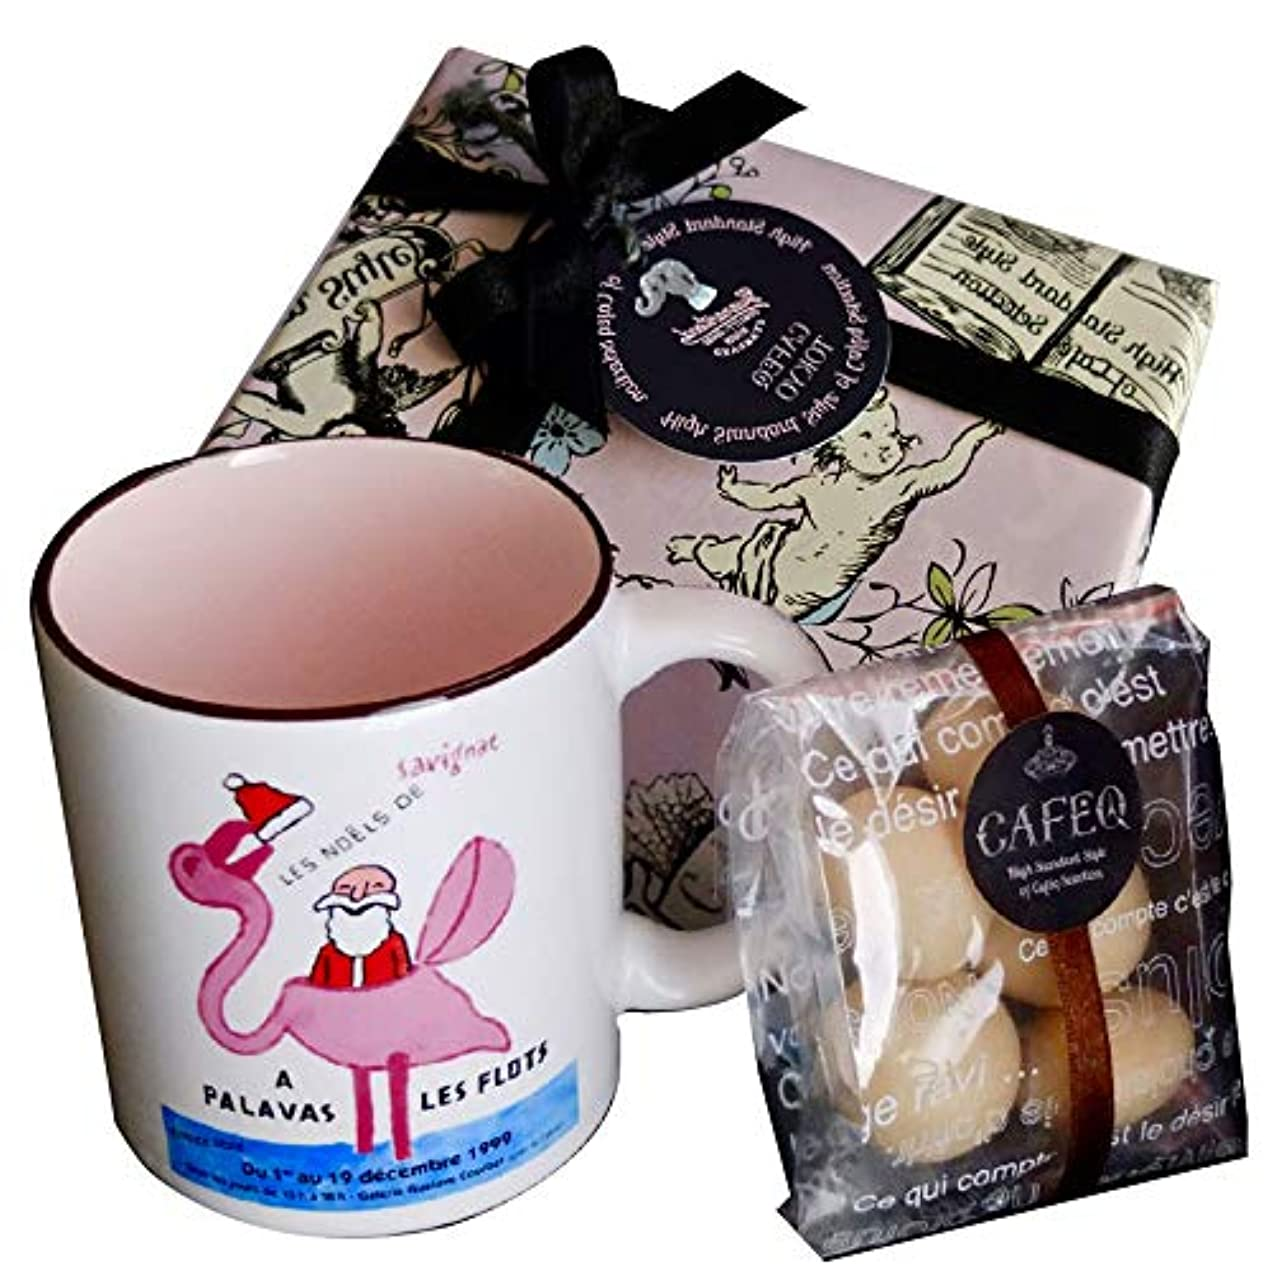 パレード見捨てられた役割cafe,q カフェック、オリジナルチョコレート & サヴィニャック マグカップ(クリスマスサンタ/フラミンゴサンタ)セットギフト (マカダミアメープルチョコレート)